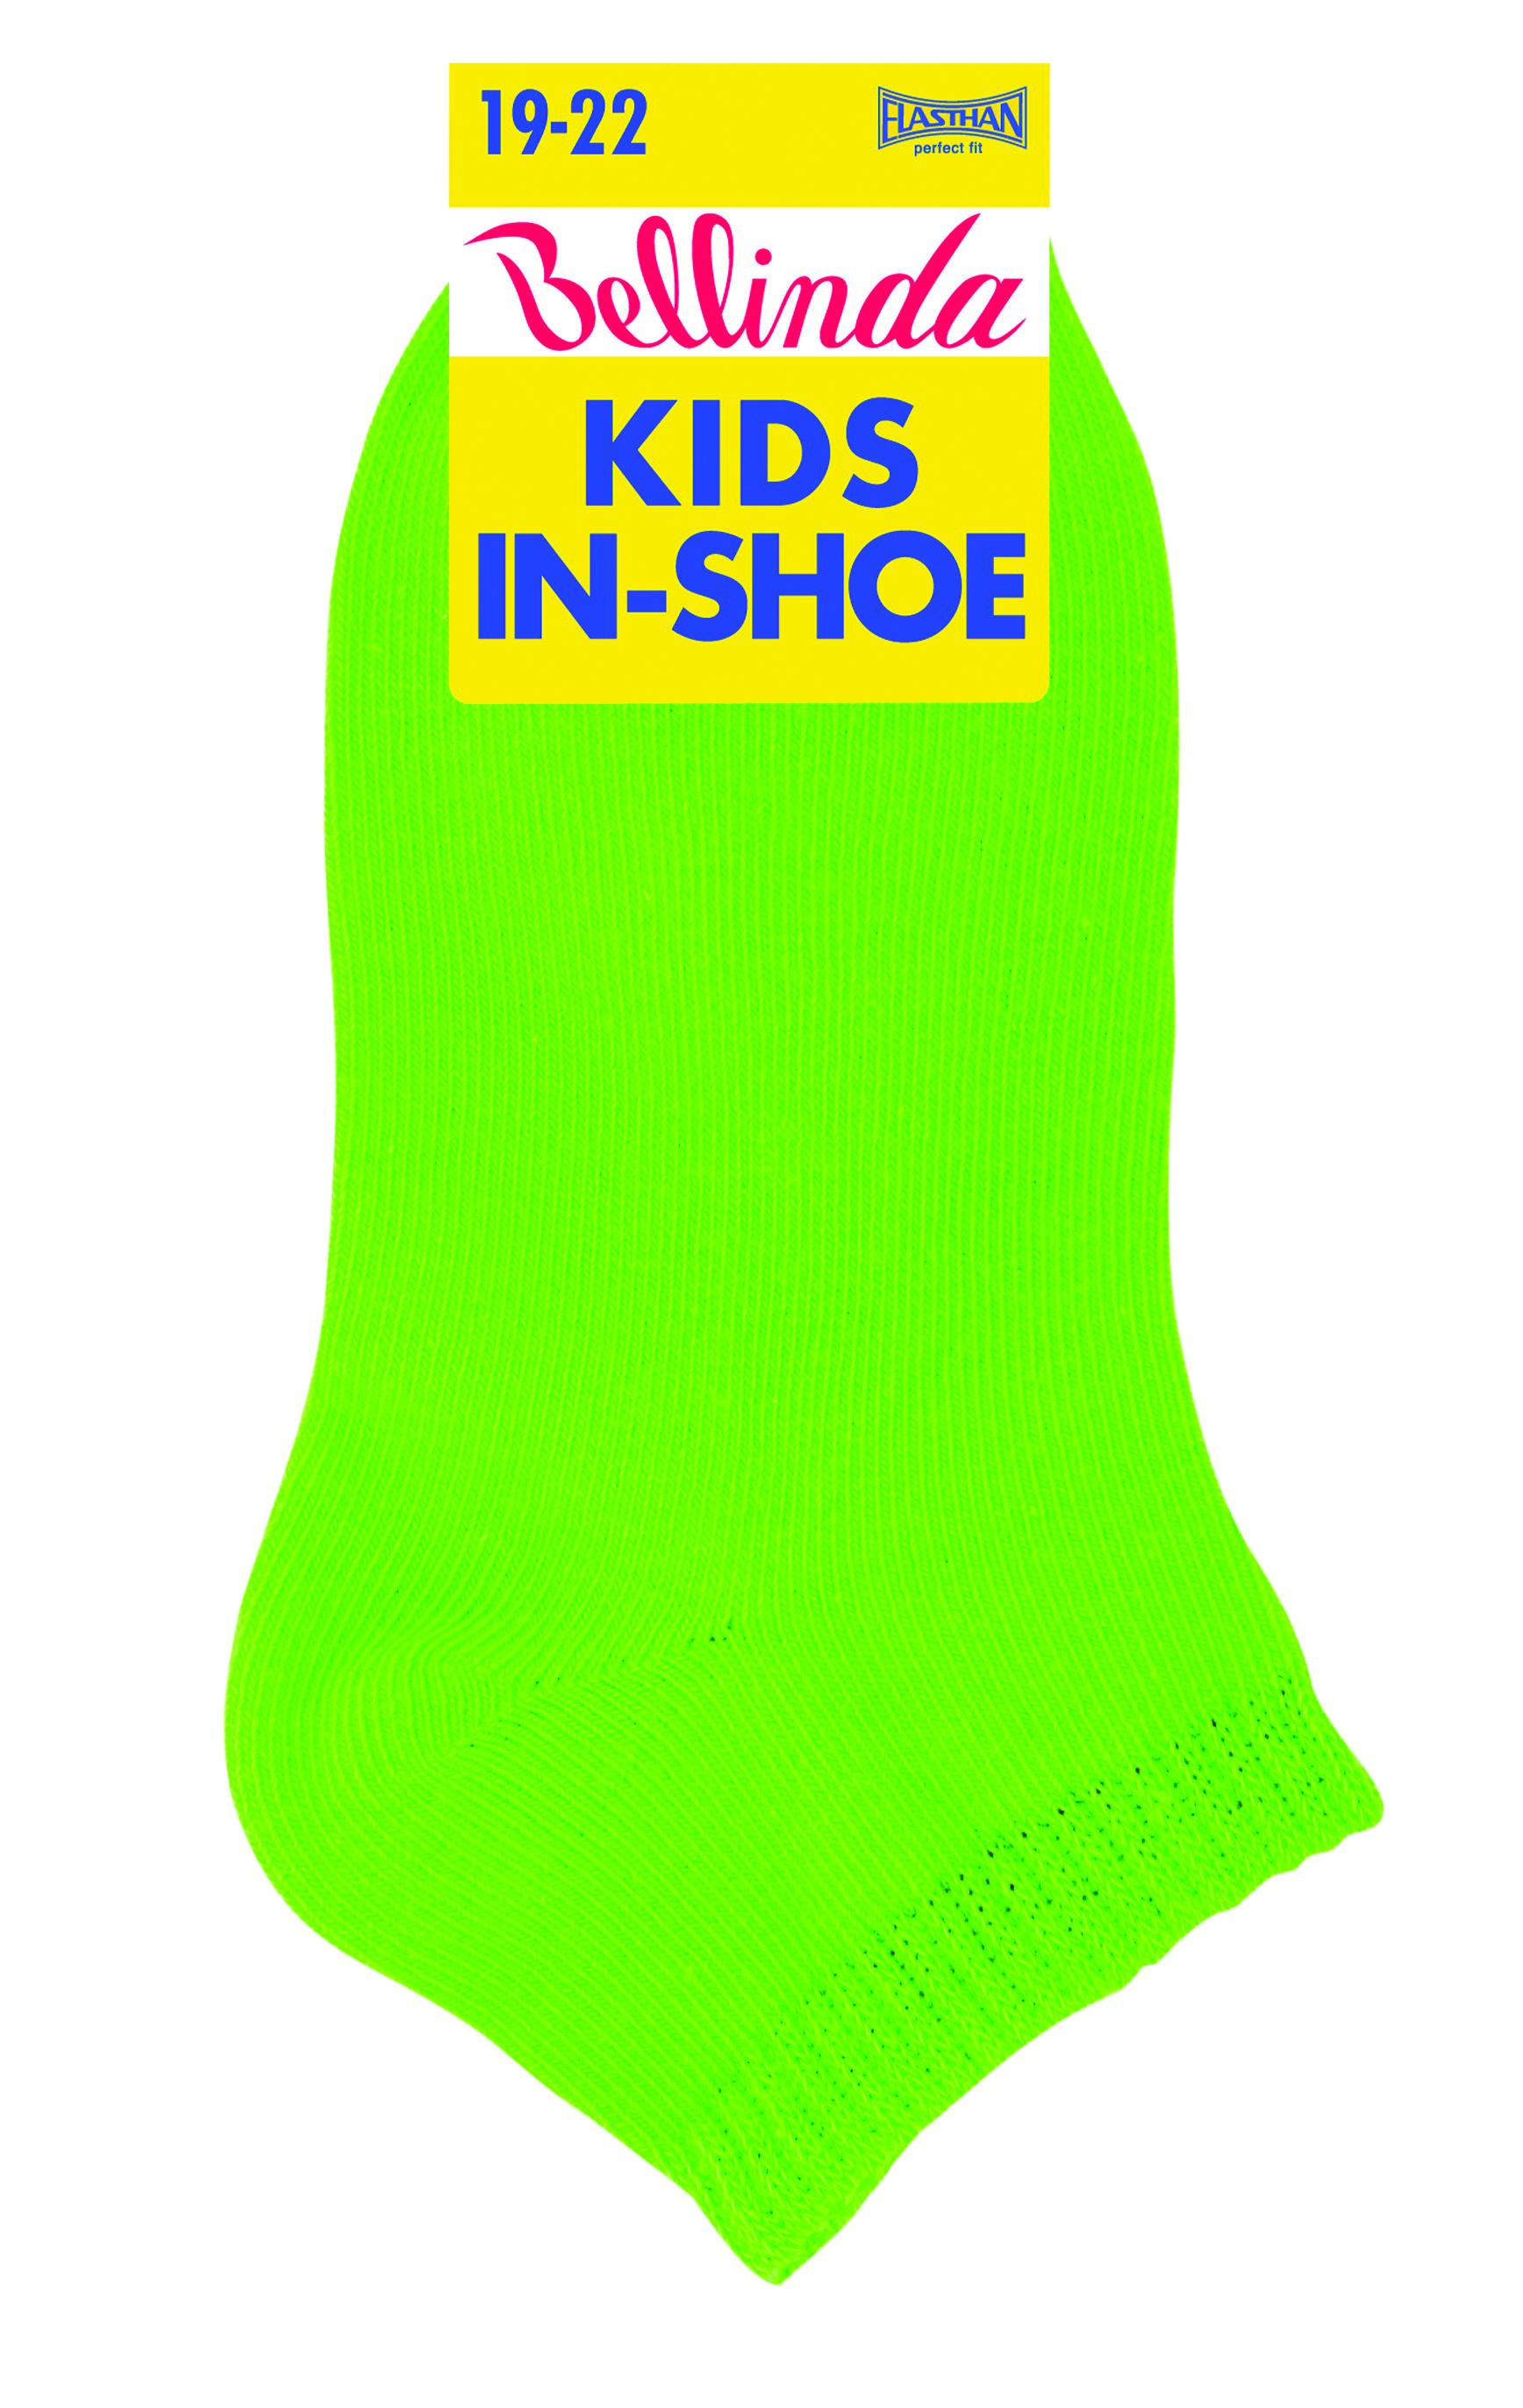 Dětské ponožky Bellinda 495703 IN SHOE